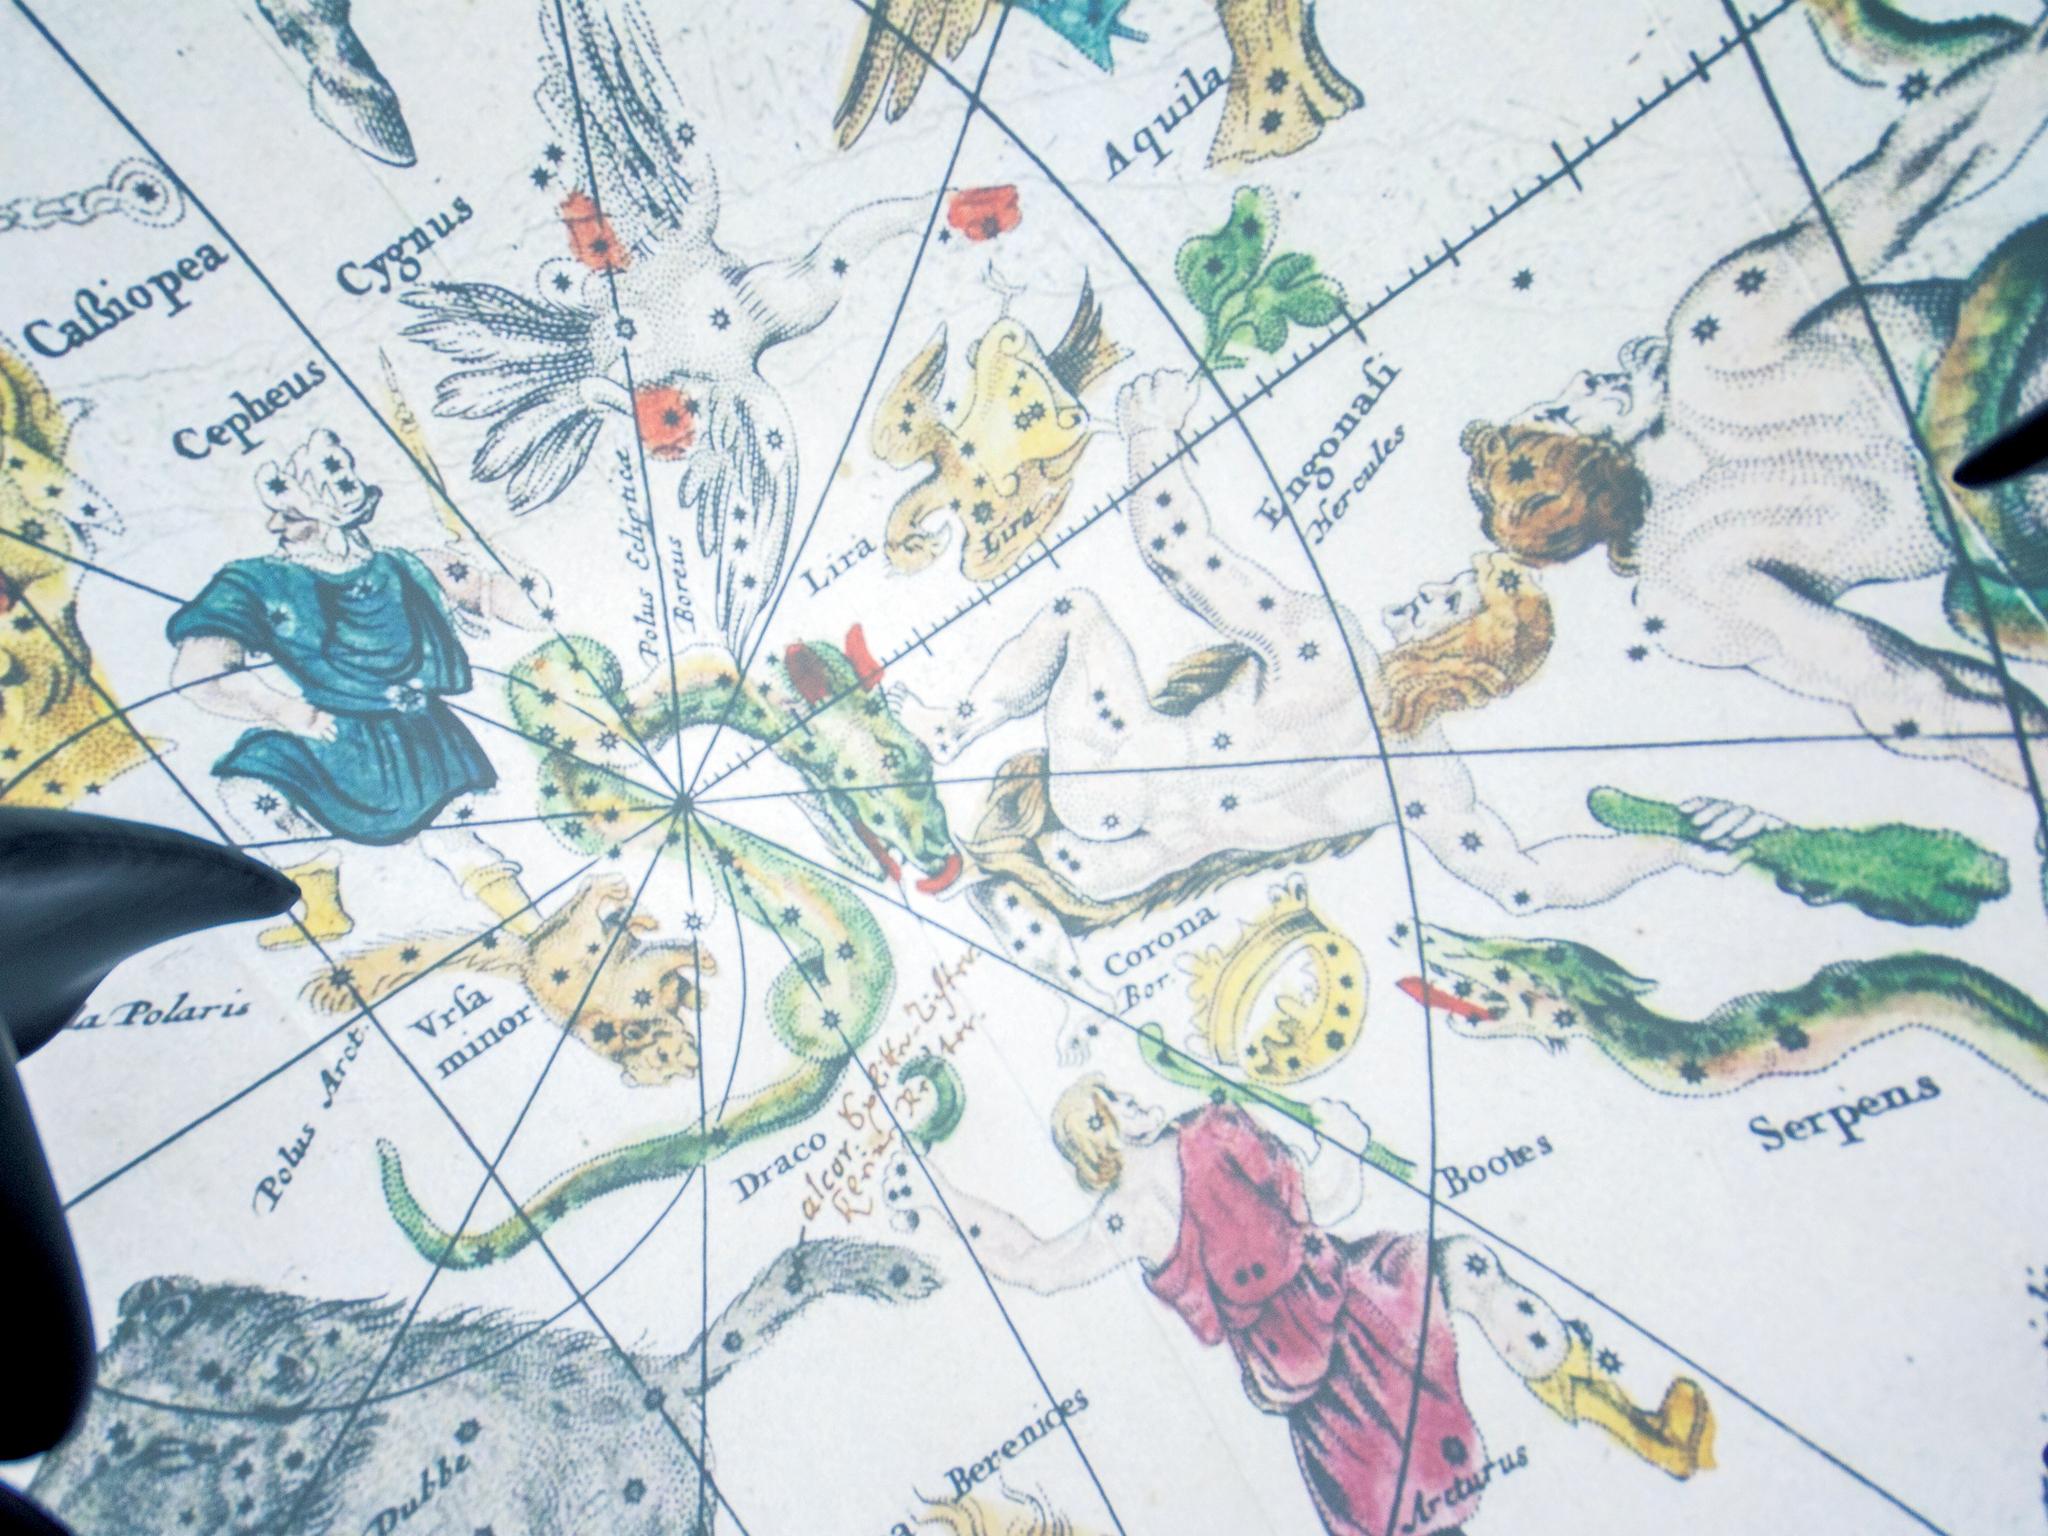 Planetario - Constelações